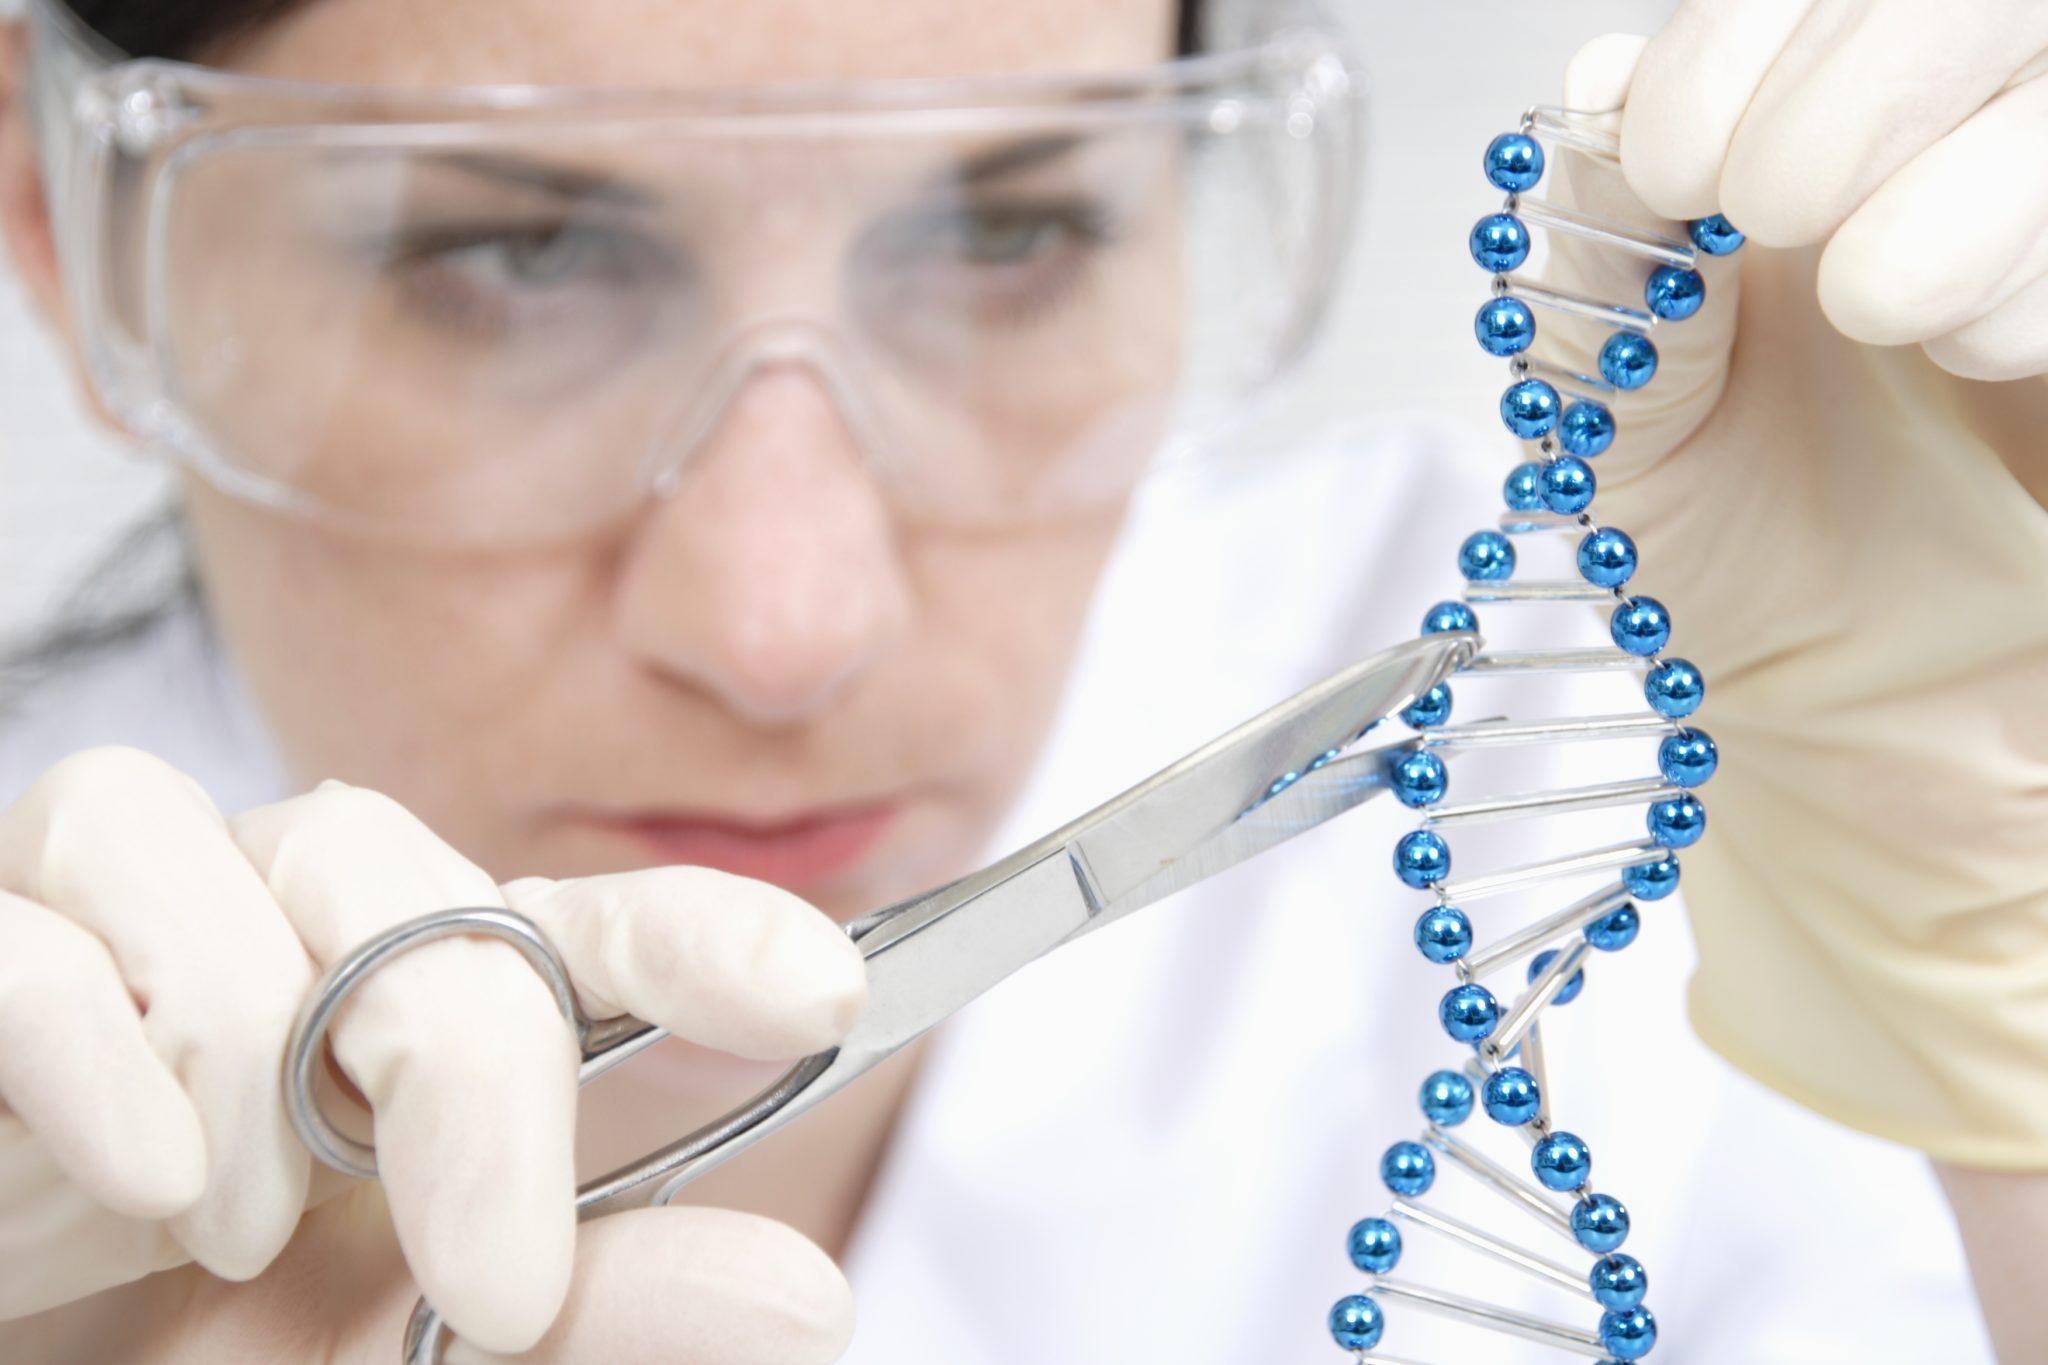 Mit der Genschere Crispr-Cas9 können Forschende das Erbgut gezielt verändern.